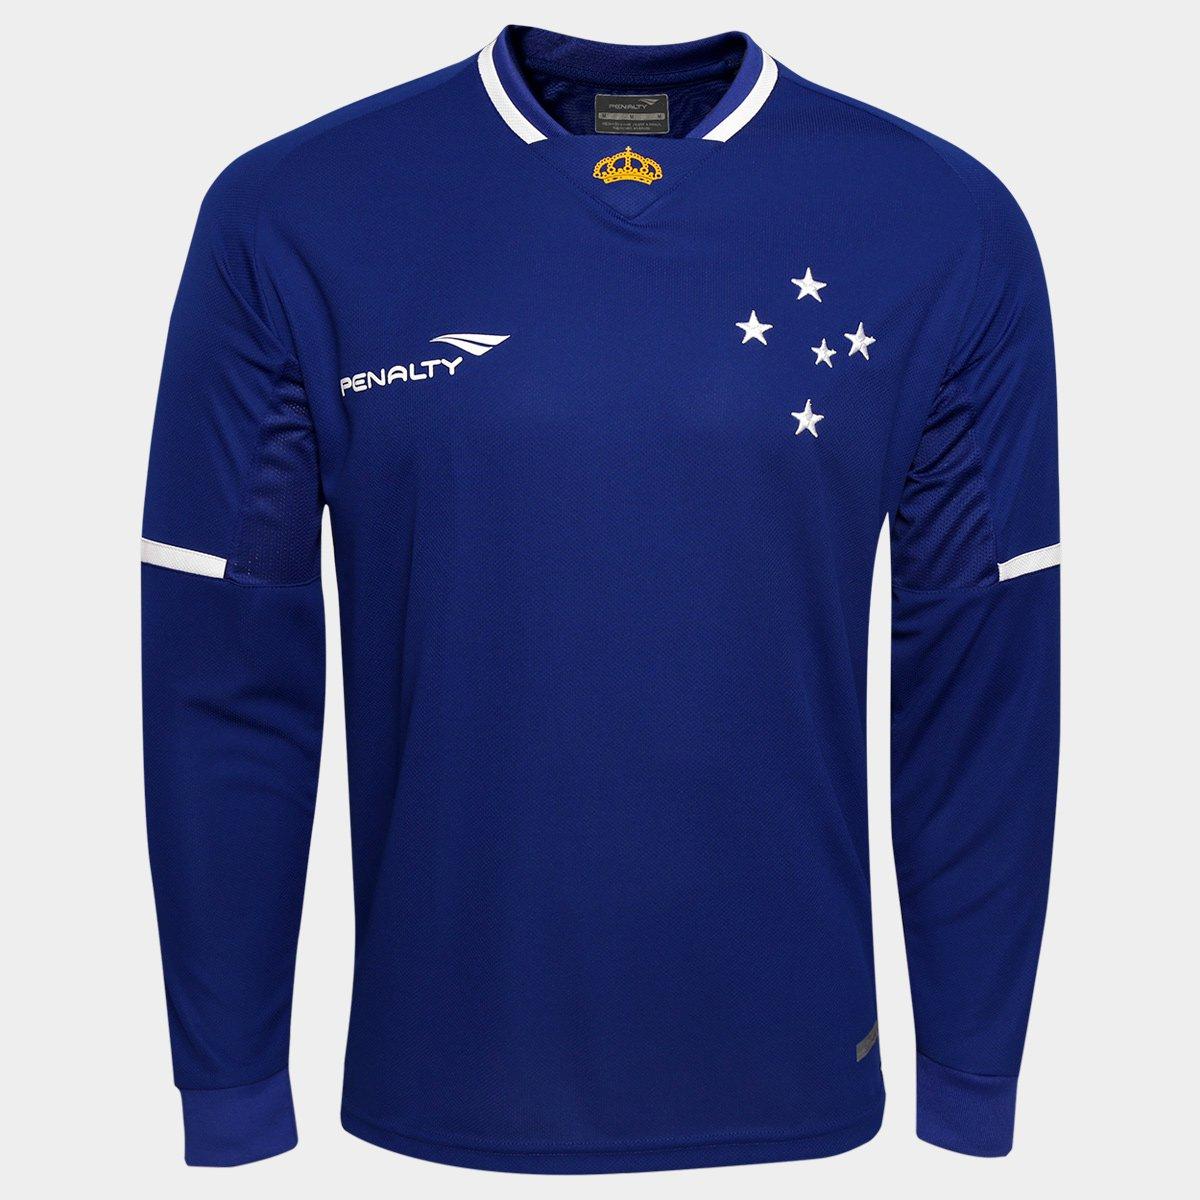 c33b39742e Camisa Penalty Cruzeiro I 15 16 s n° M L - Compre Agora